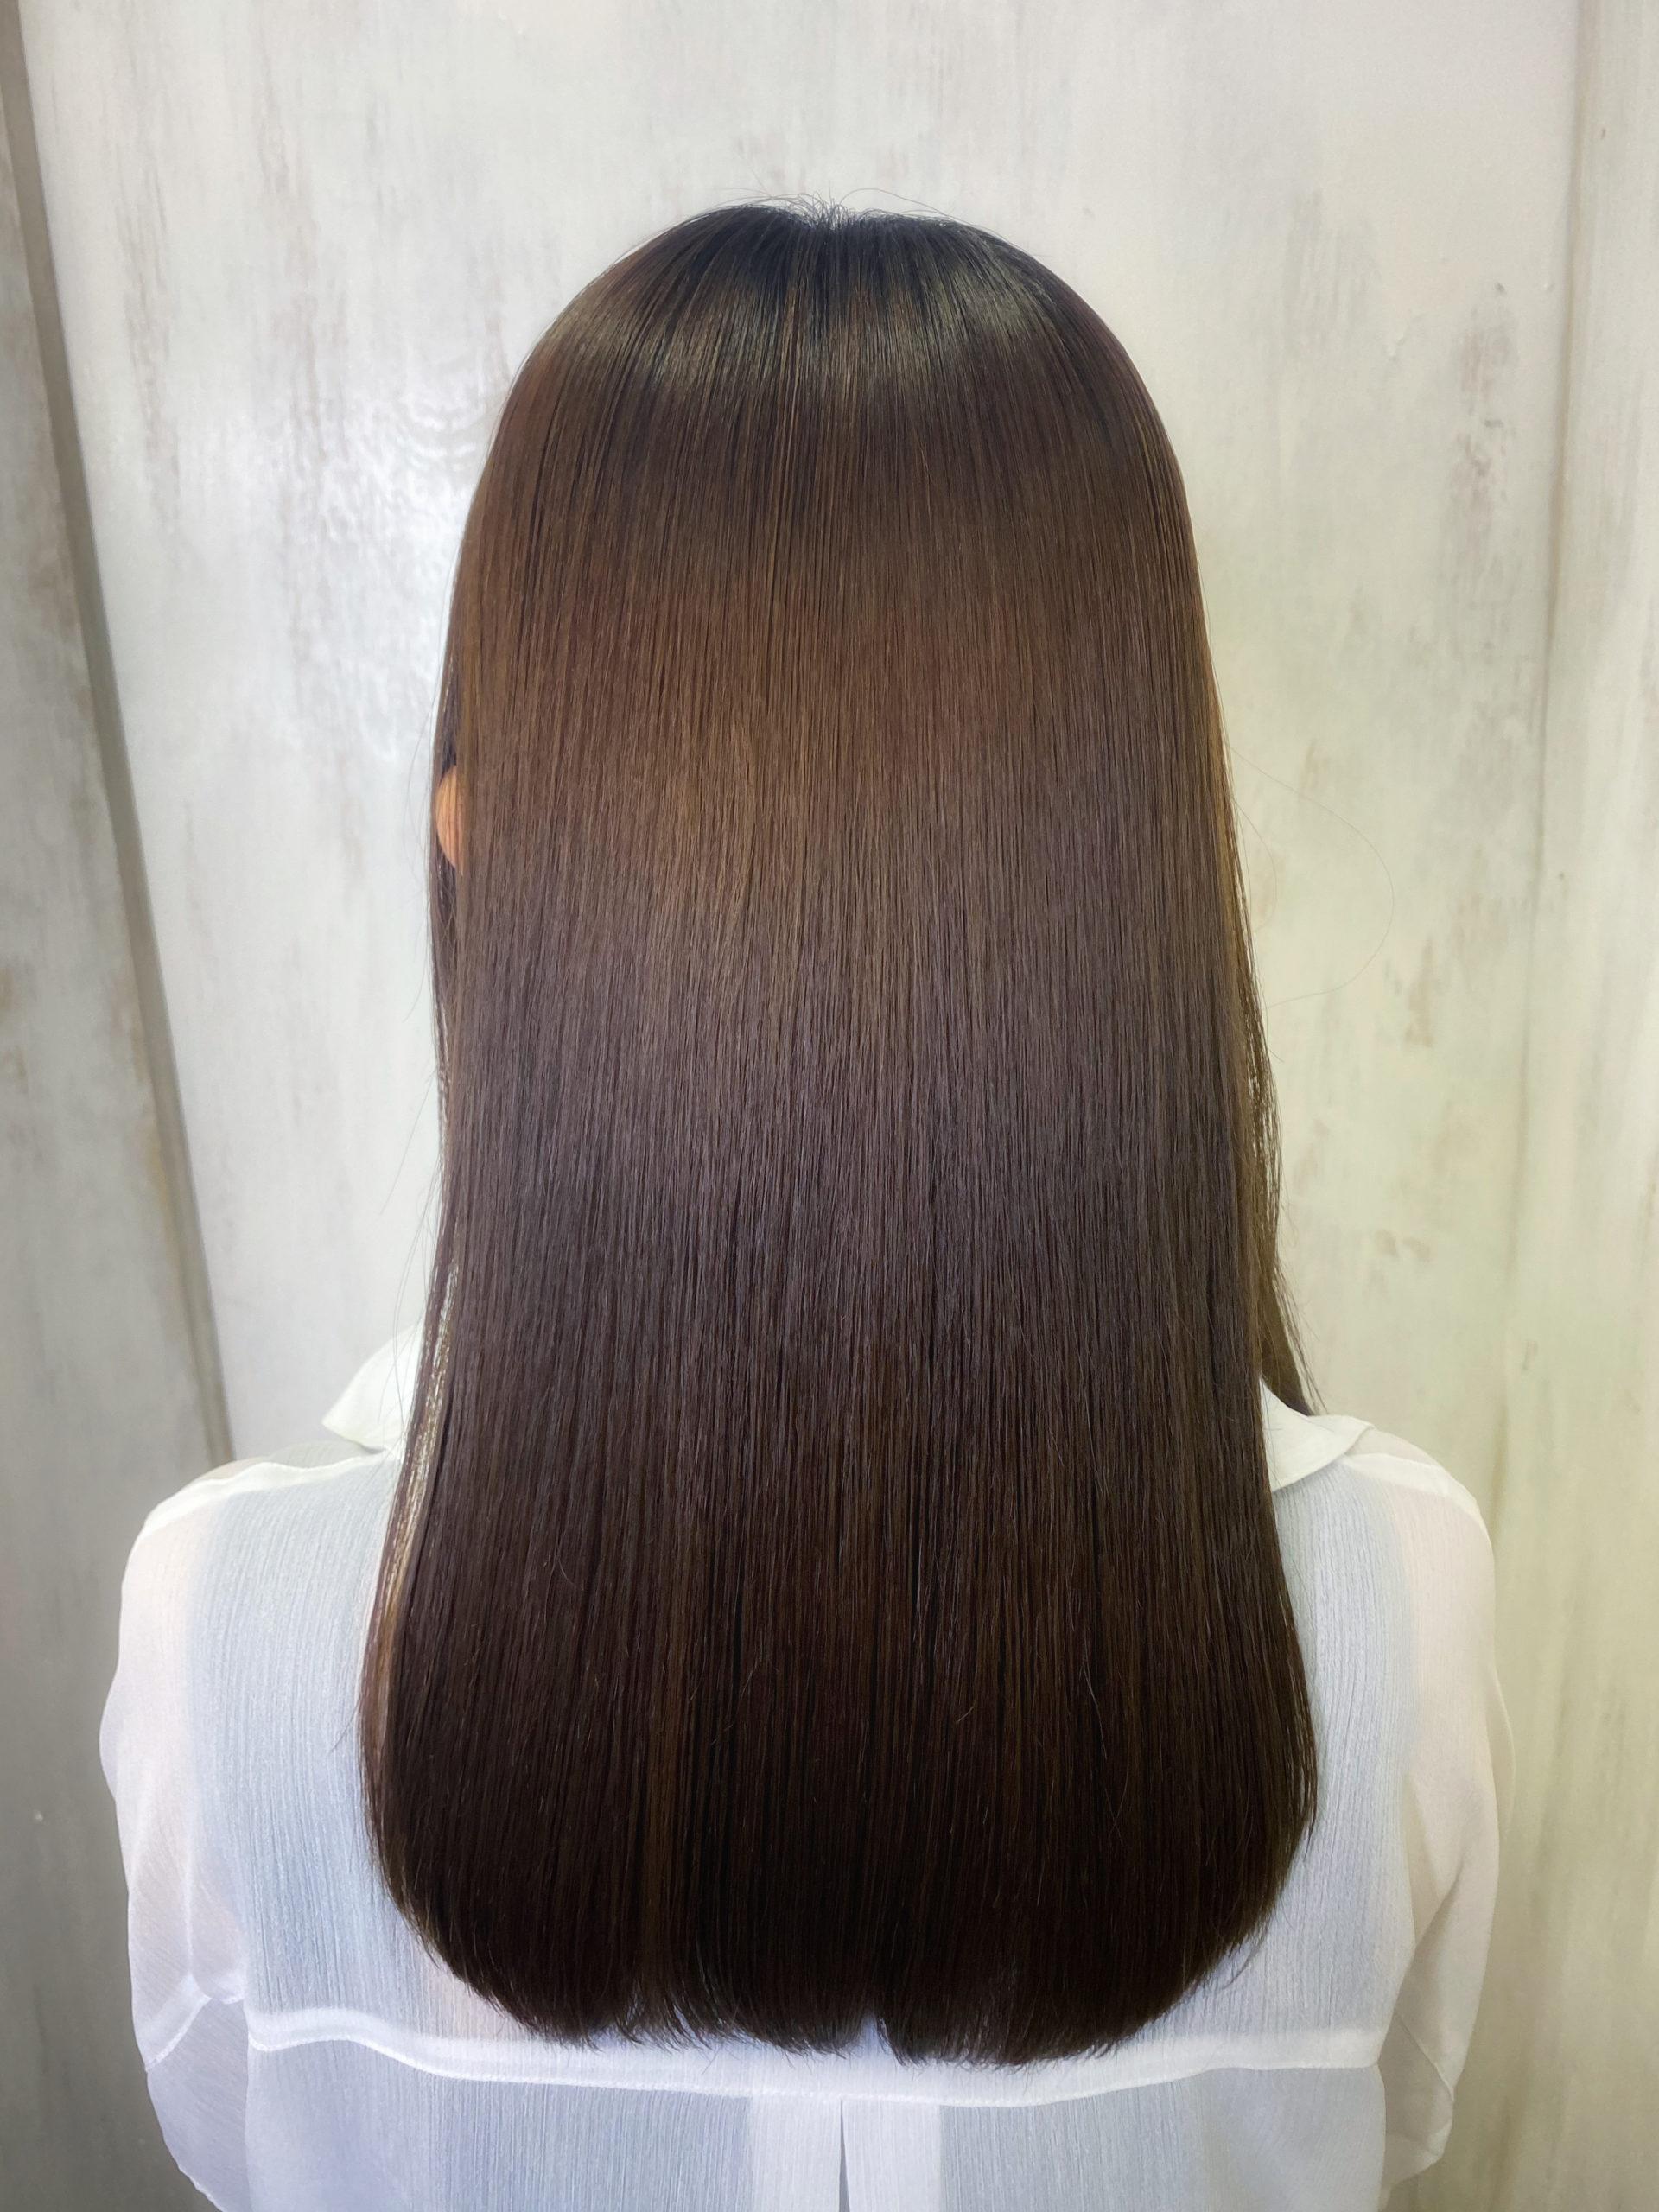 毛先までの縮毛矯正でつやっつやの艶髪ストレートヘア。